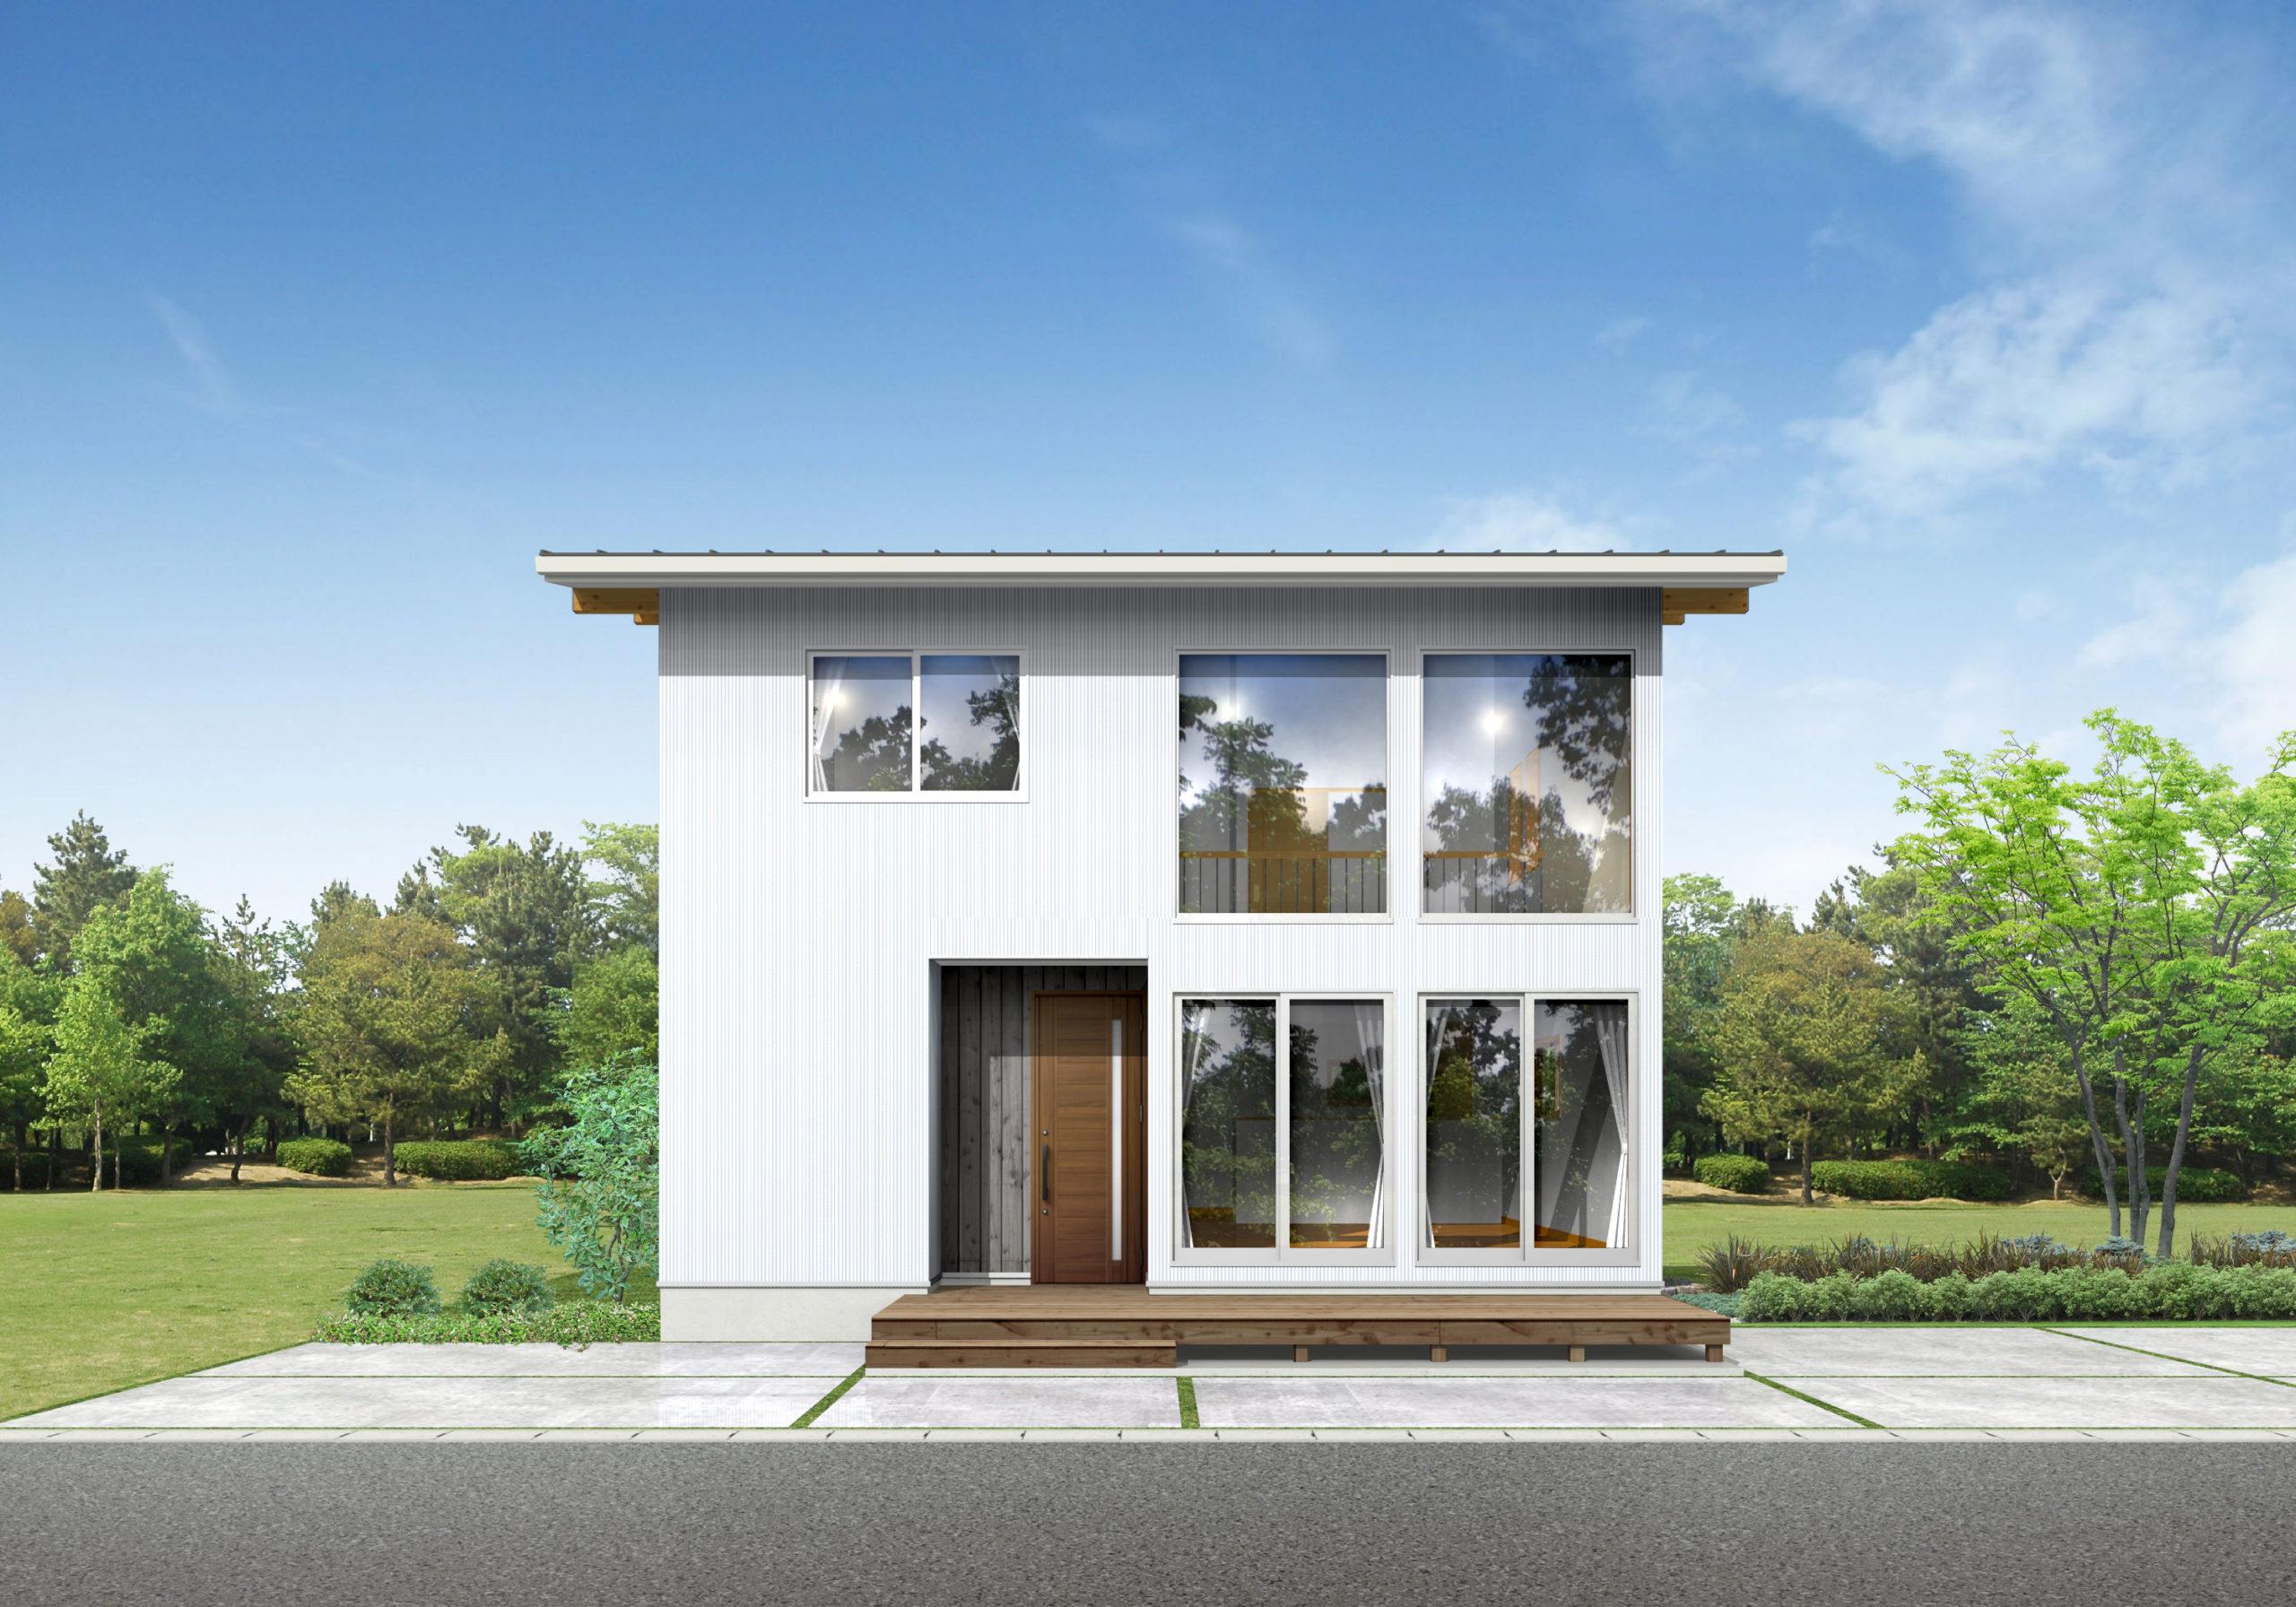 オレンジタウン舟橋 北日本新聞住宅展【BOOOTS】出展します。